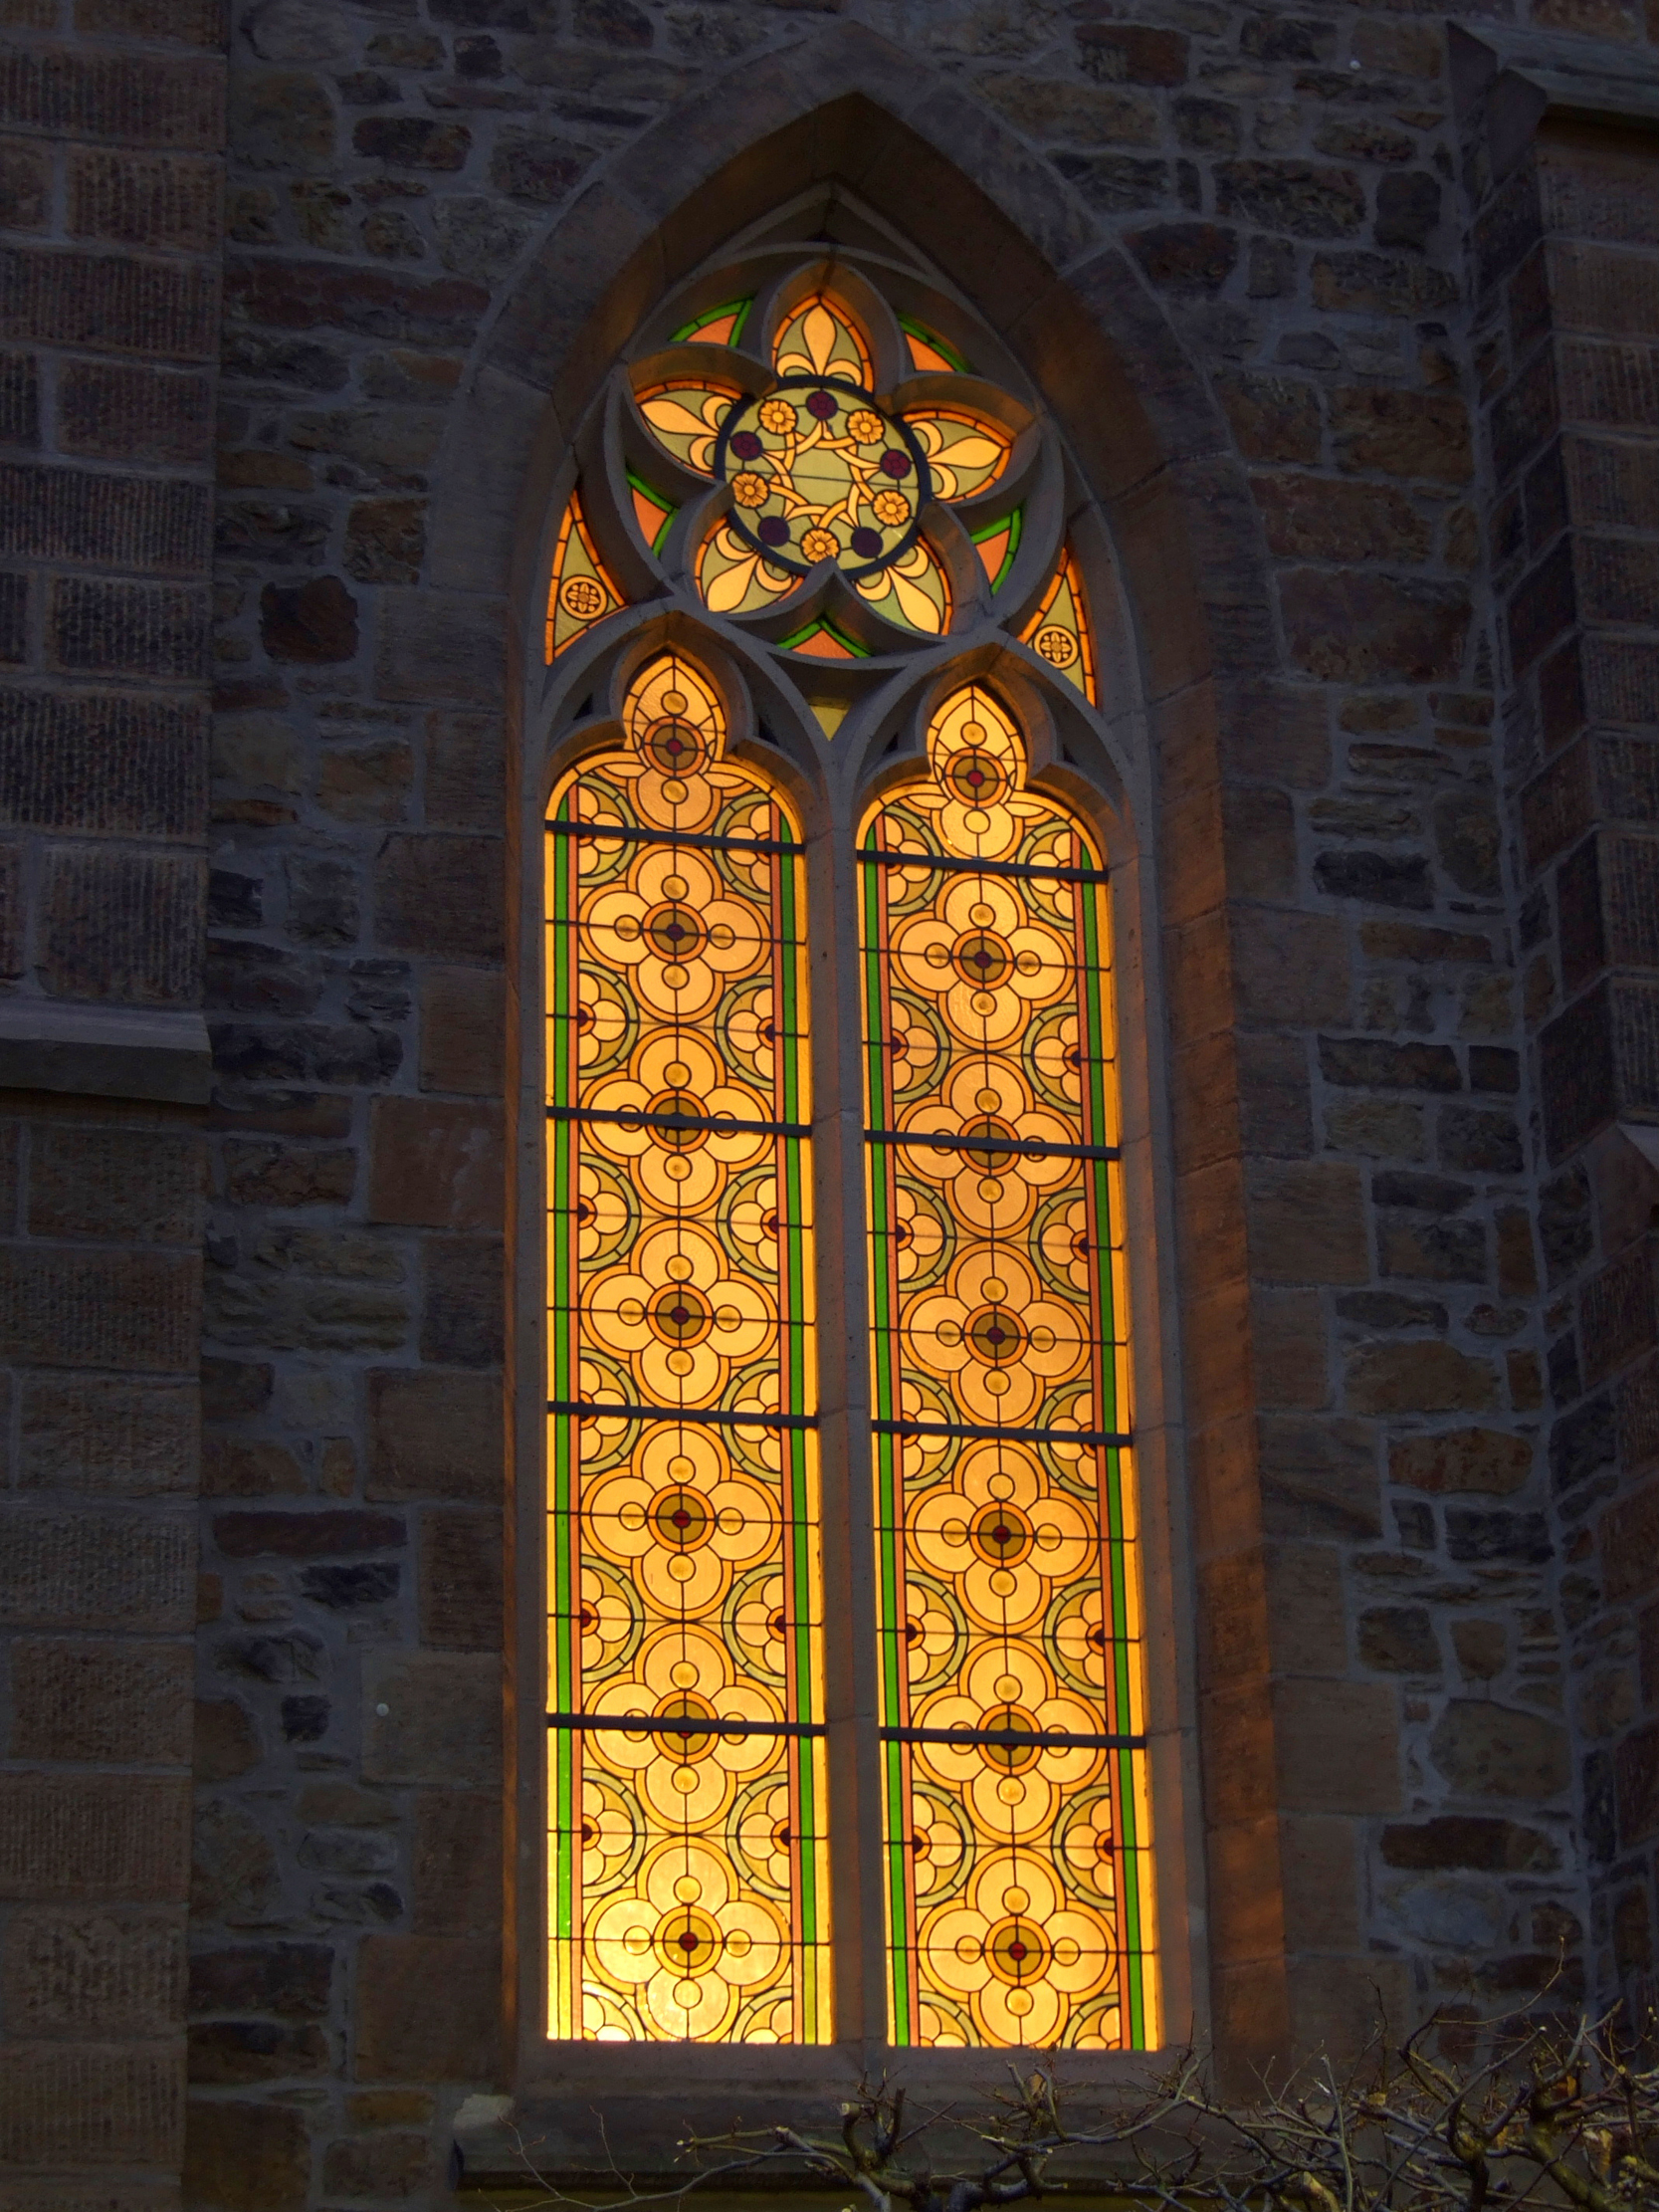 Milyen stílusú ablak látszik a képen?